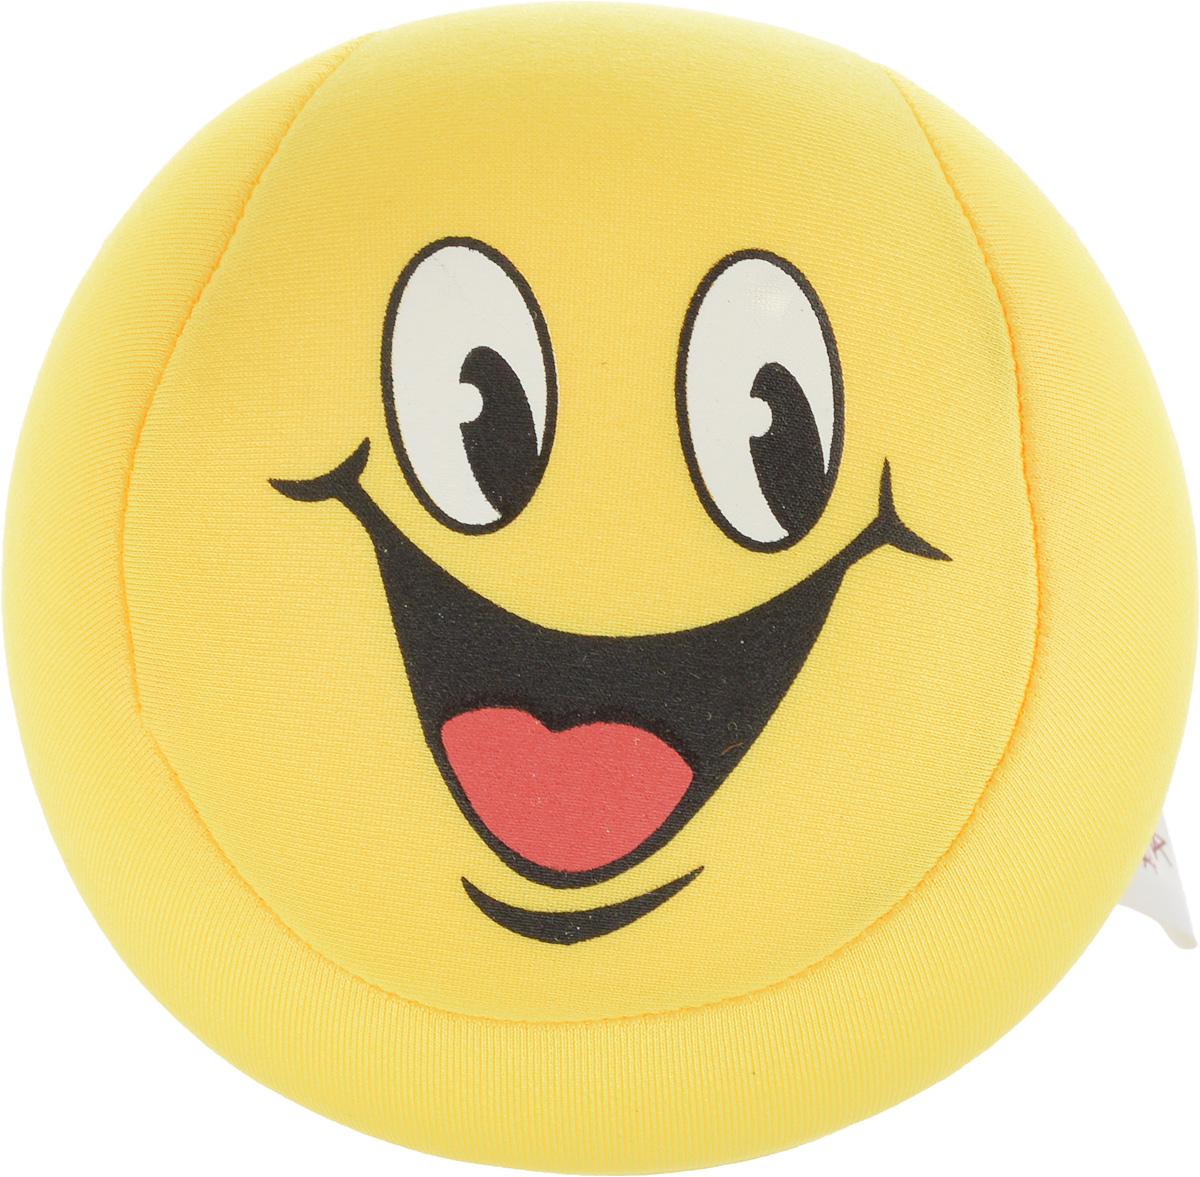 Игрушка-антистресс Home Queen Смайлик, цвет: желтый, диаметр 10 см70062_желтыйИгрушка-антистресс Home Queen Смайлик способна стать аккумулятором хорошего настроения. Игрушка выполнена из трикотажной ткани в виде веселого смайлика, внутри - наполнитель из полистирола. Игрушка легкая, упругая, как бы вы ее ни сжимали, она неизменно возвращает себе первоначальную форму. Тысячи мельчайших гранул полистирола создают поистине волшебный релаксирующий эффект. Такая игрушка - идеальный рецепт хорошего настроения! Она подходит абсолютно всем, поскольку не вызывает аллергии.Уважаемые клиенты! Обращаем ваше внимание на возможные изменения в дизайне товара, рисунок на игрушке может отличаться от изображенного на фотографии. Поставка осуществляется в зависимости от наличия на складе.